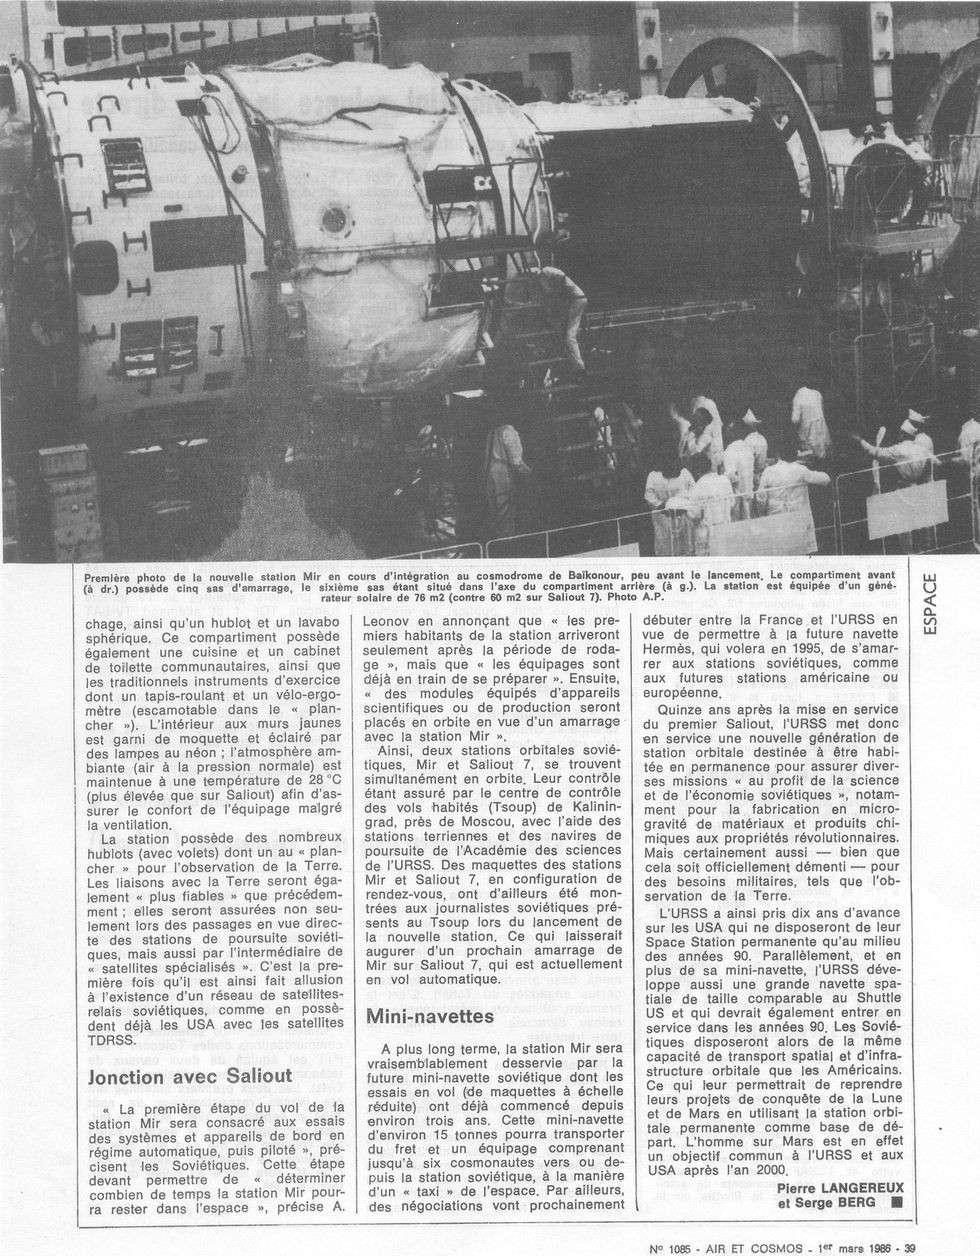 19 février 1986 - Station Spatiale MIR 86030111